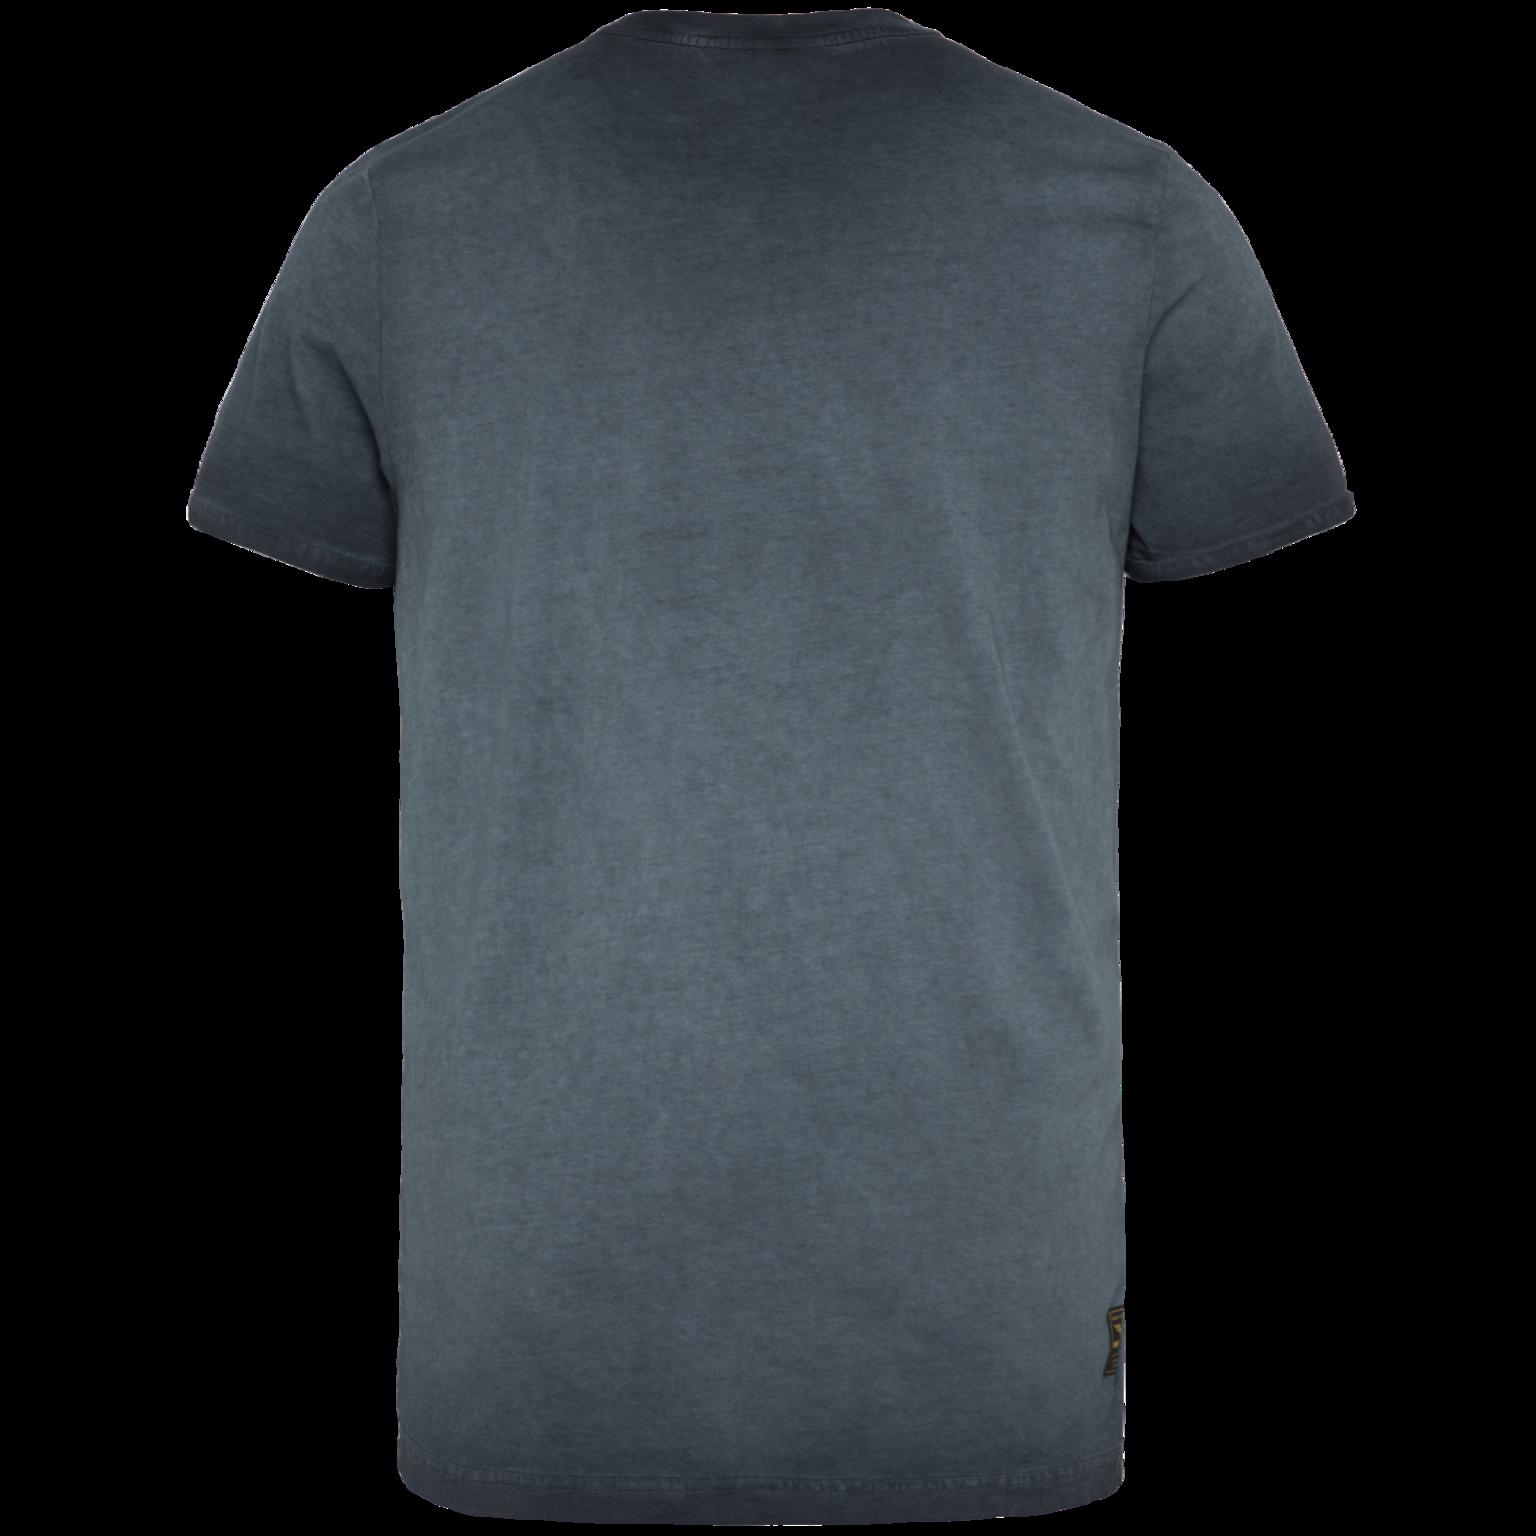 PME t-shirt cold dye-2